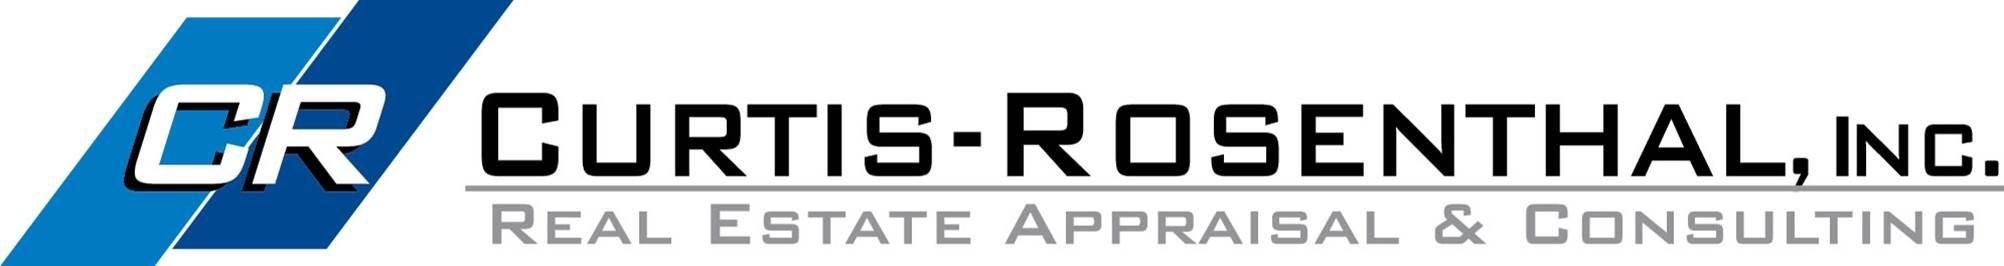 Curtis Rosenthal logo